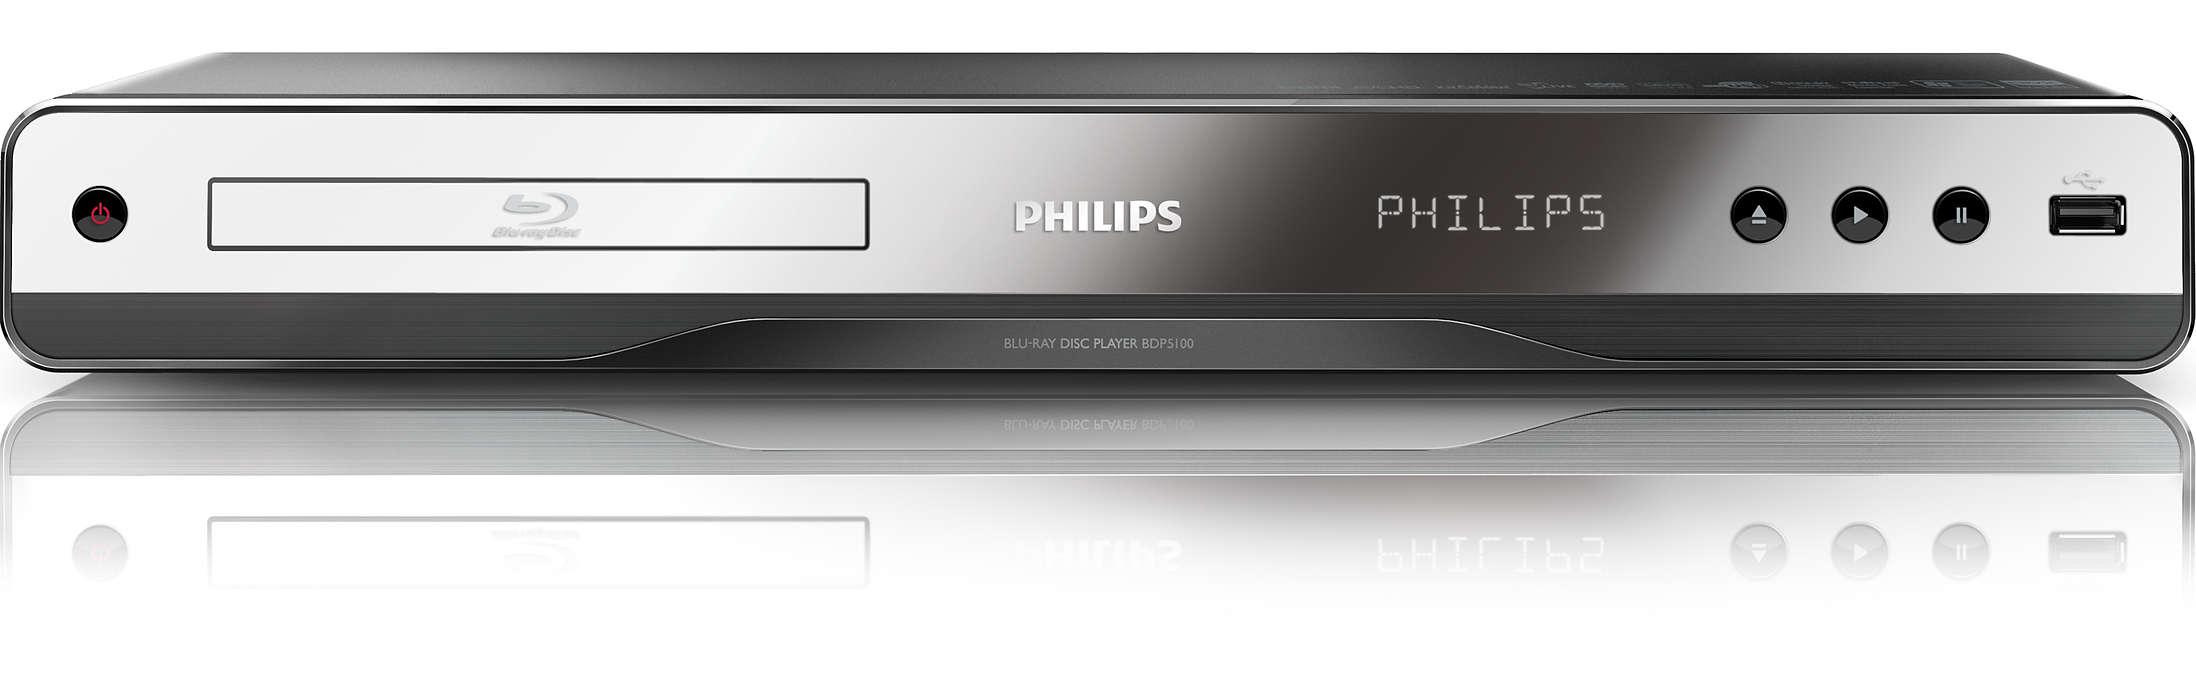 Oglądaj swoje ulubione filmy z komputera i na płytach Blu-ray.